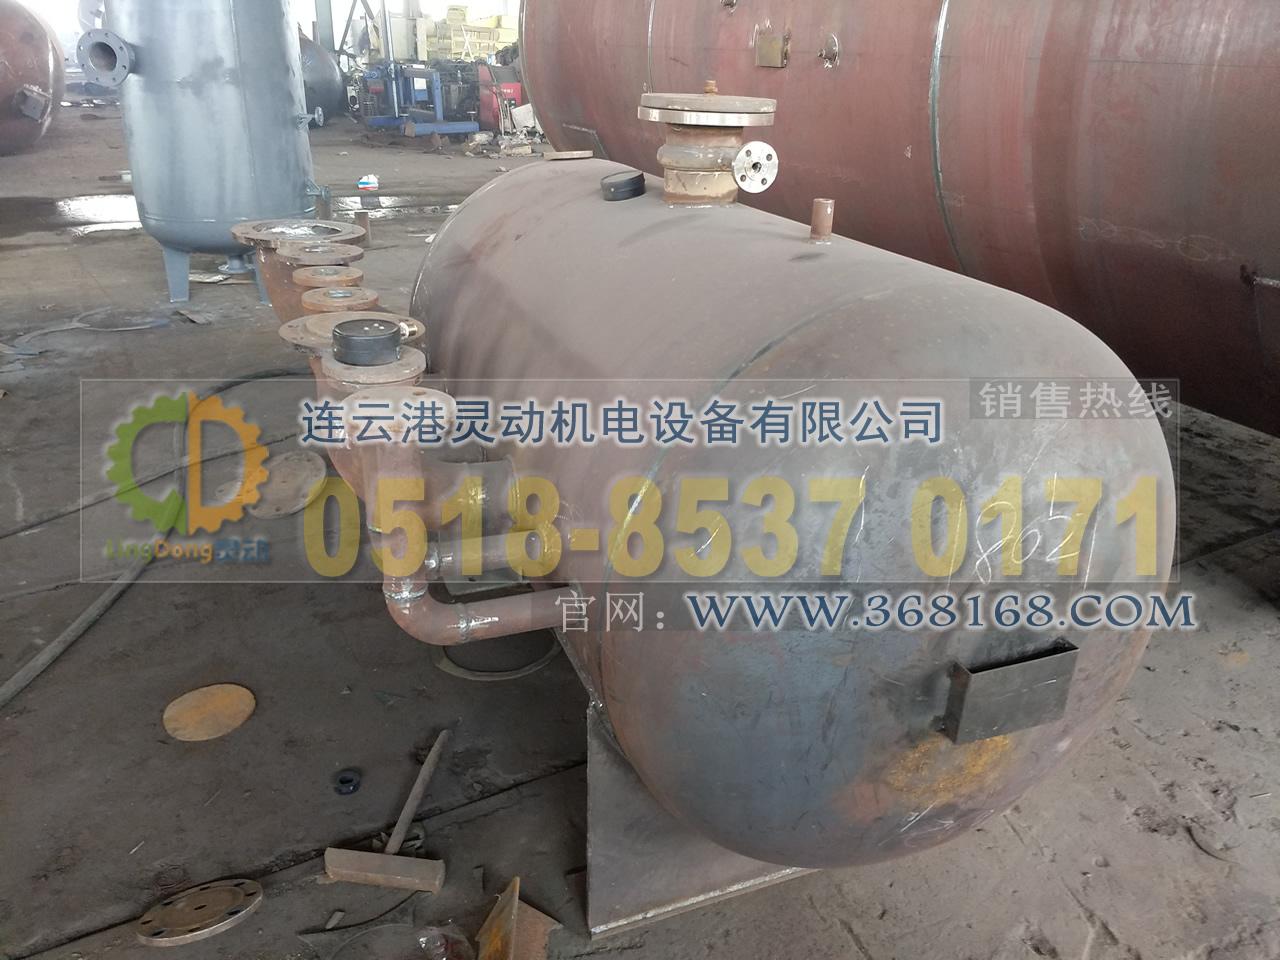 疏水扩容器制造,疏水膨胀器厂家,锅炉疏水扩容器生产厂家